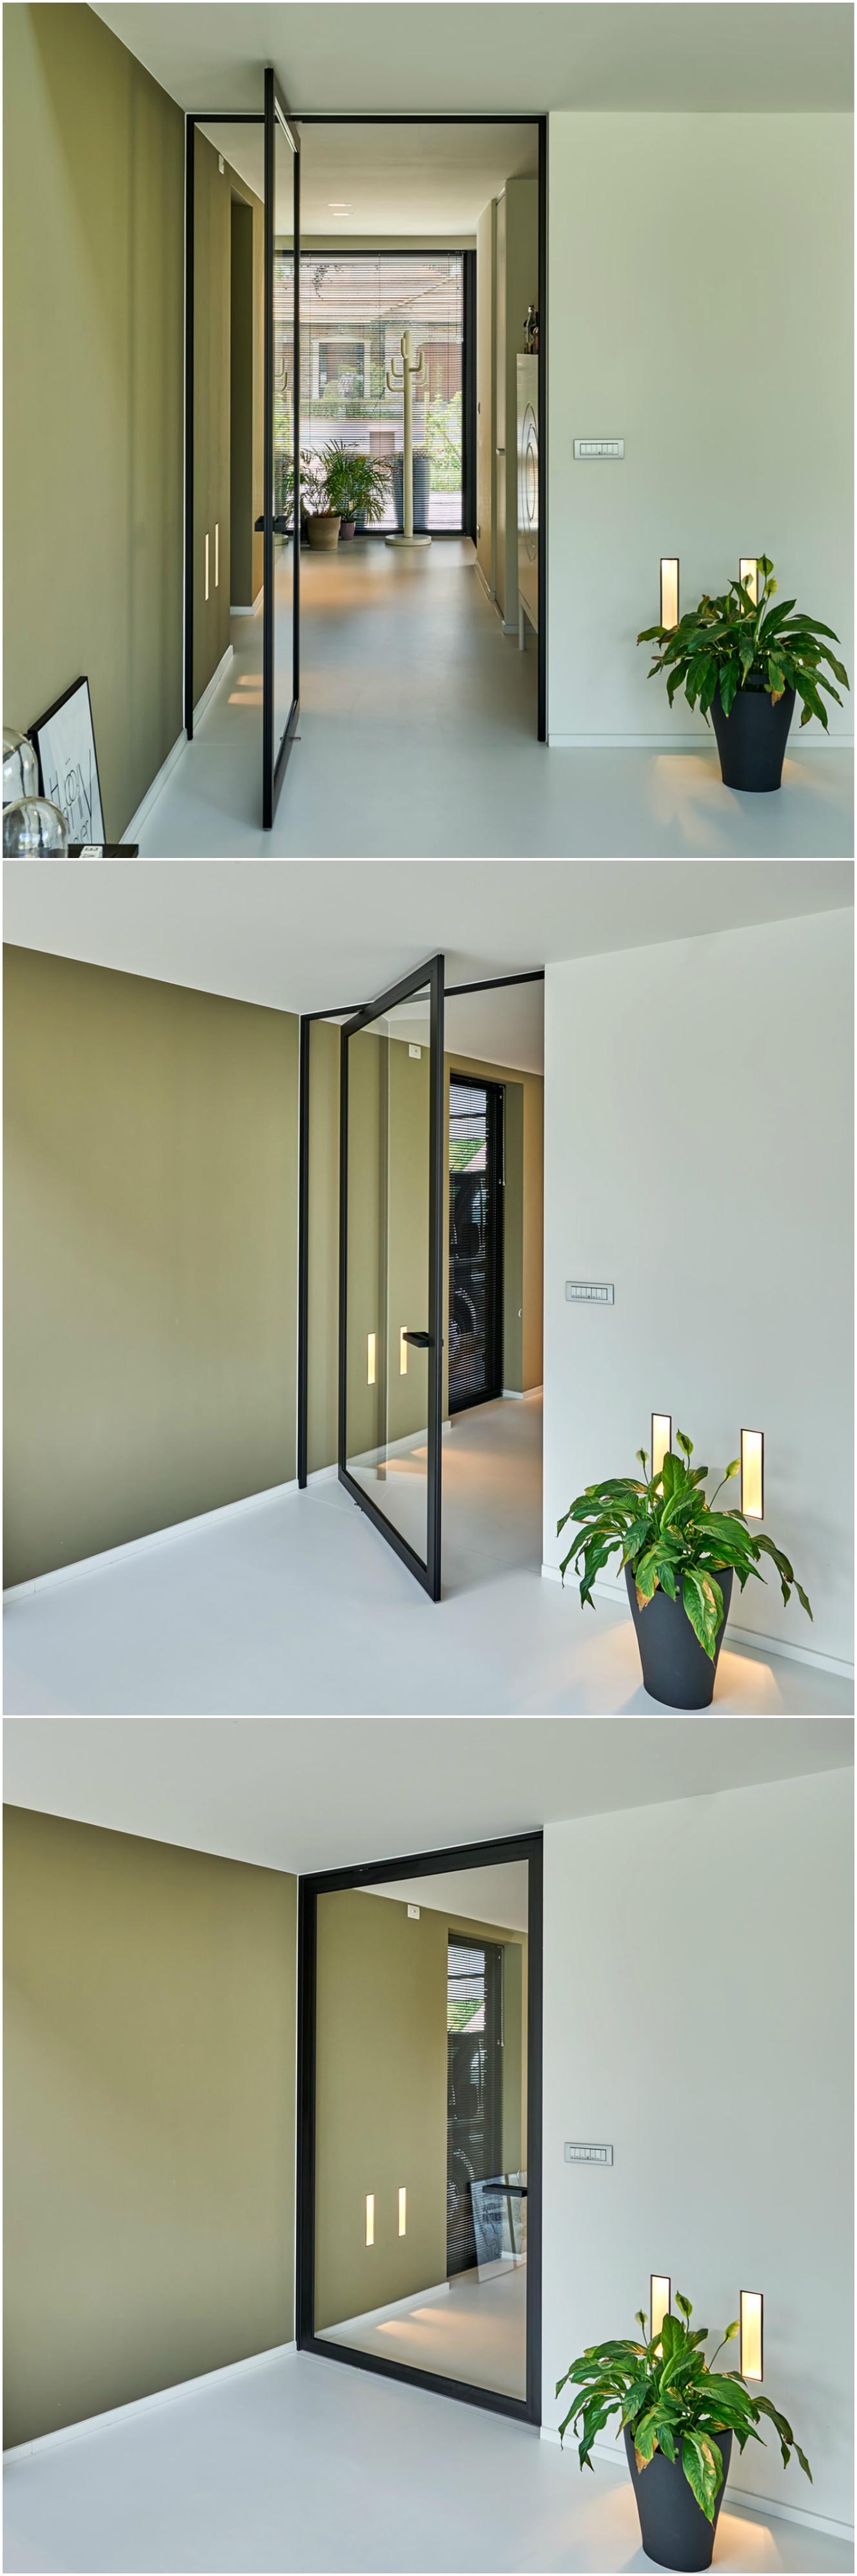 Porte vitr e look acier sur pivot d sax pour le - Porte vitree sur pivot ...